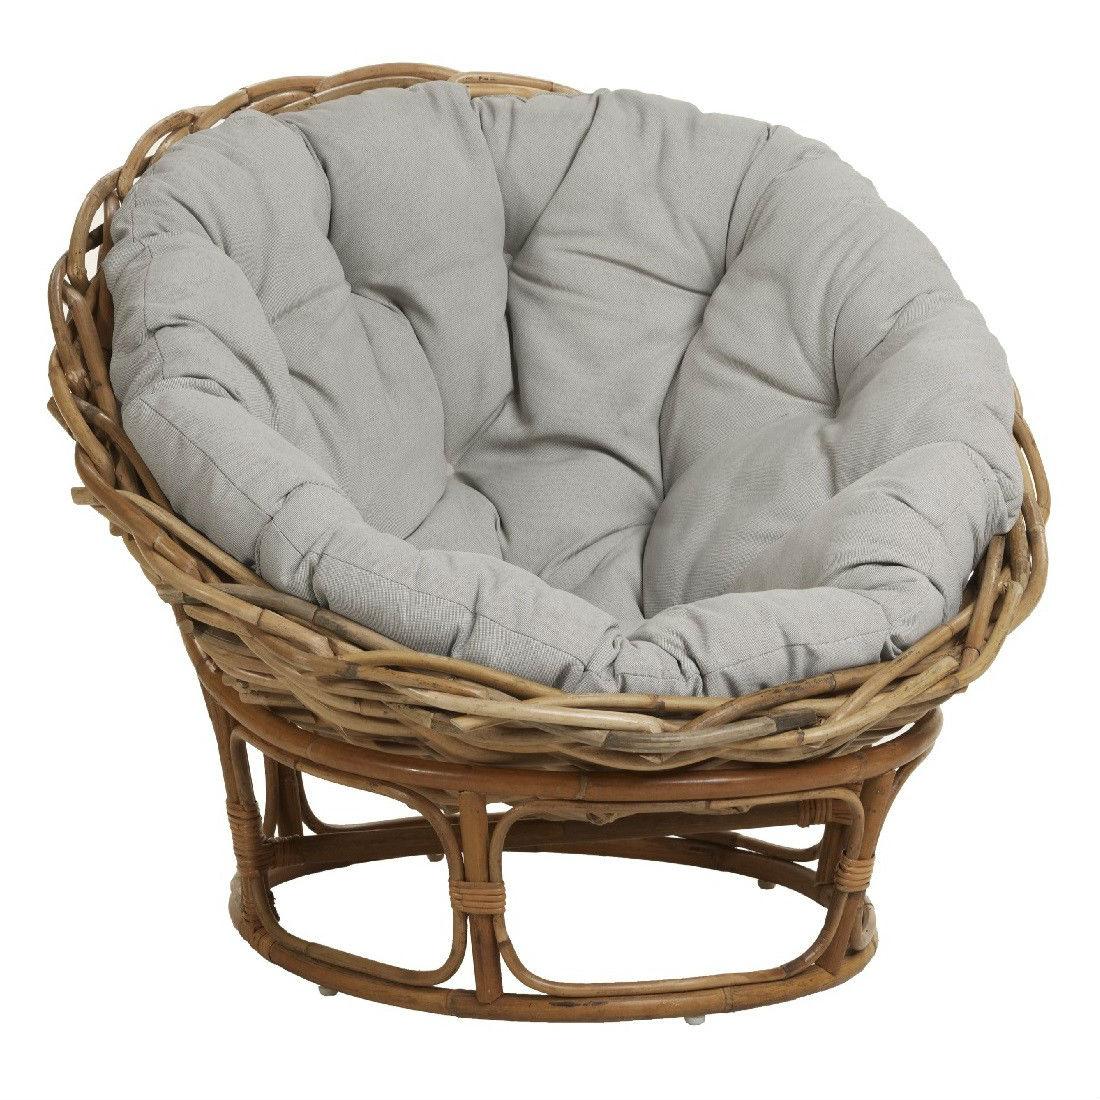 fauteuil rond en rotin confortable